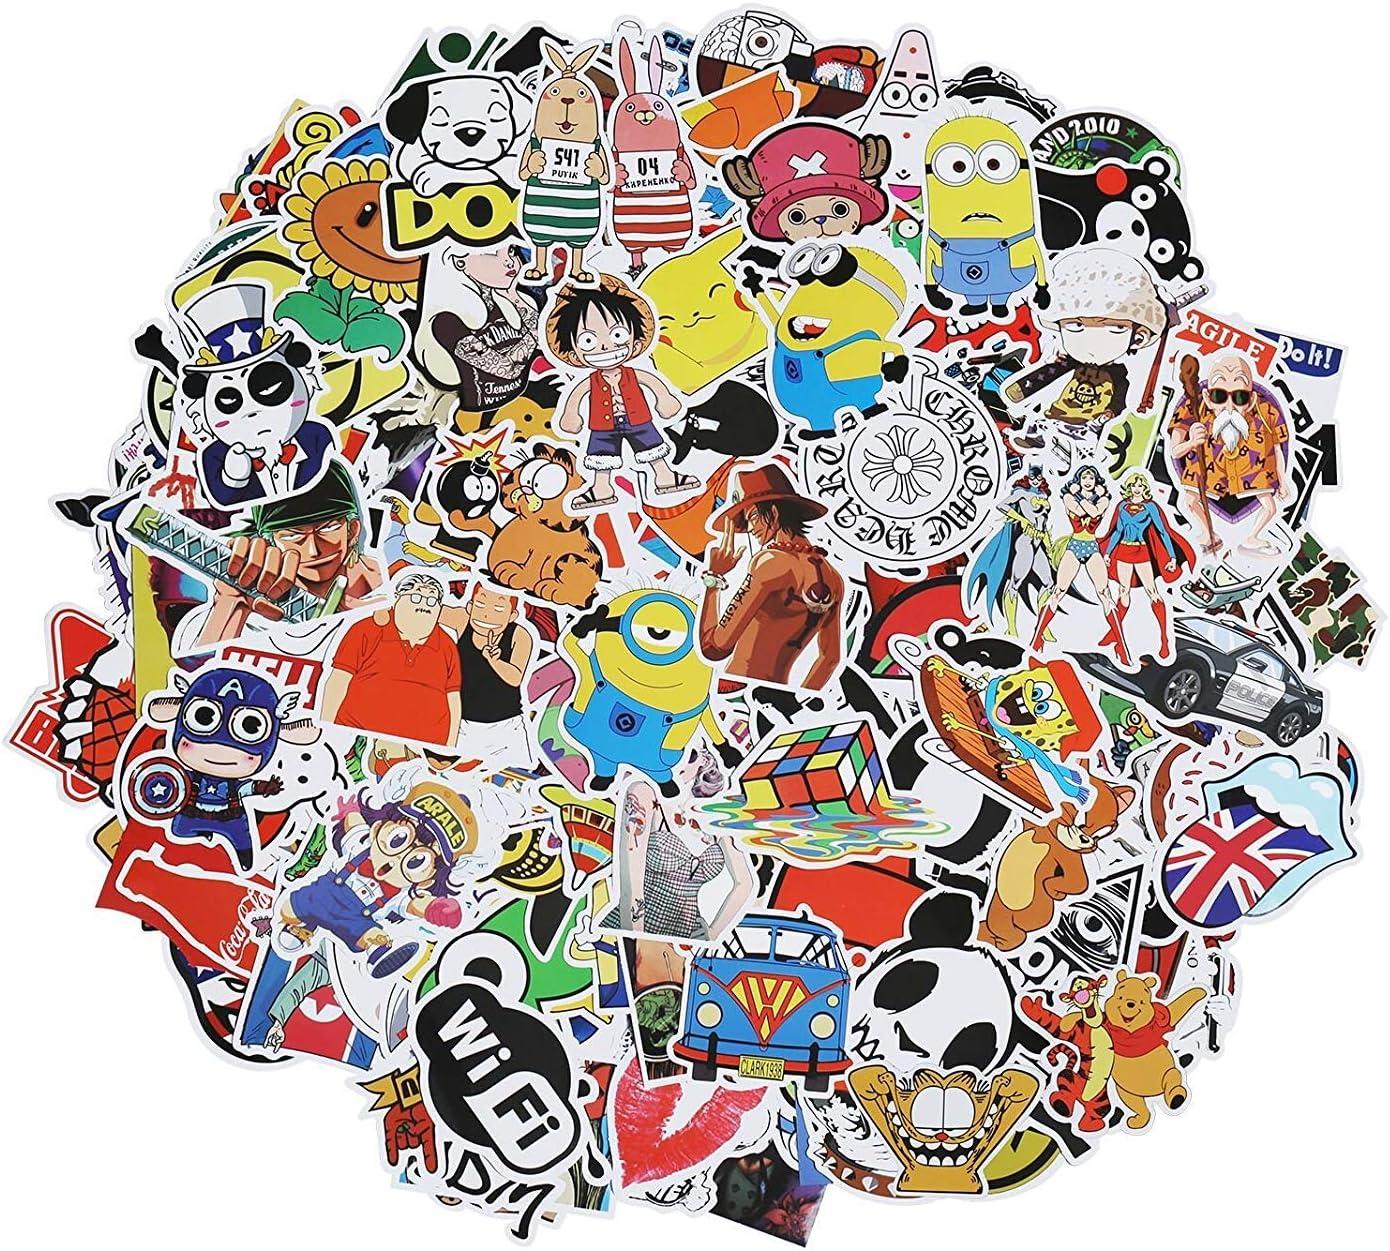 Xpassion 300 Paquete de Pegatinas de Calcomanías Vinilo para Todos los Estilos para Portátil, Dormitorio, Funda de Viaje, Equipaje de Coche, Bicicleta, Moto, Monopatín, Stickers Graffiti